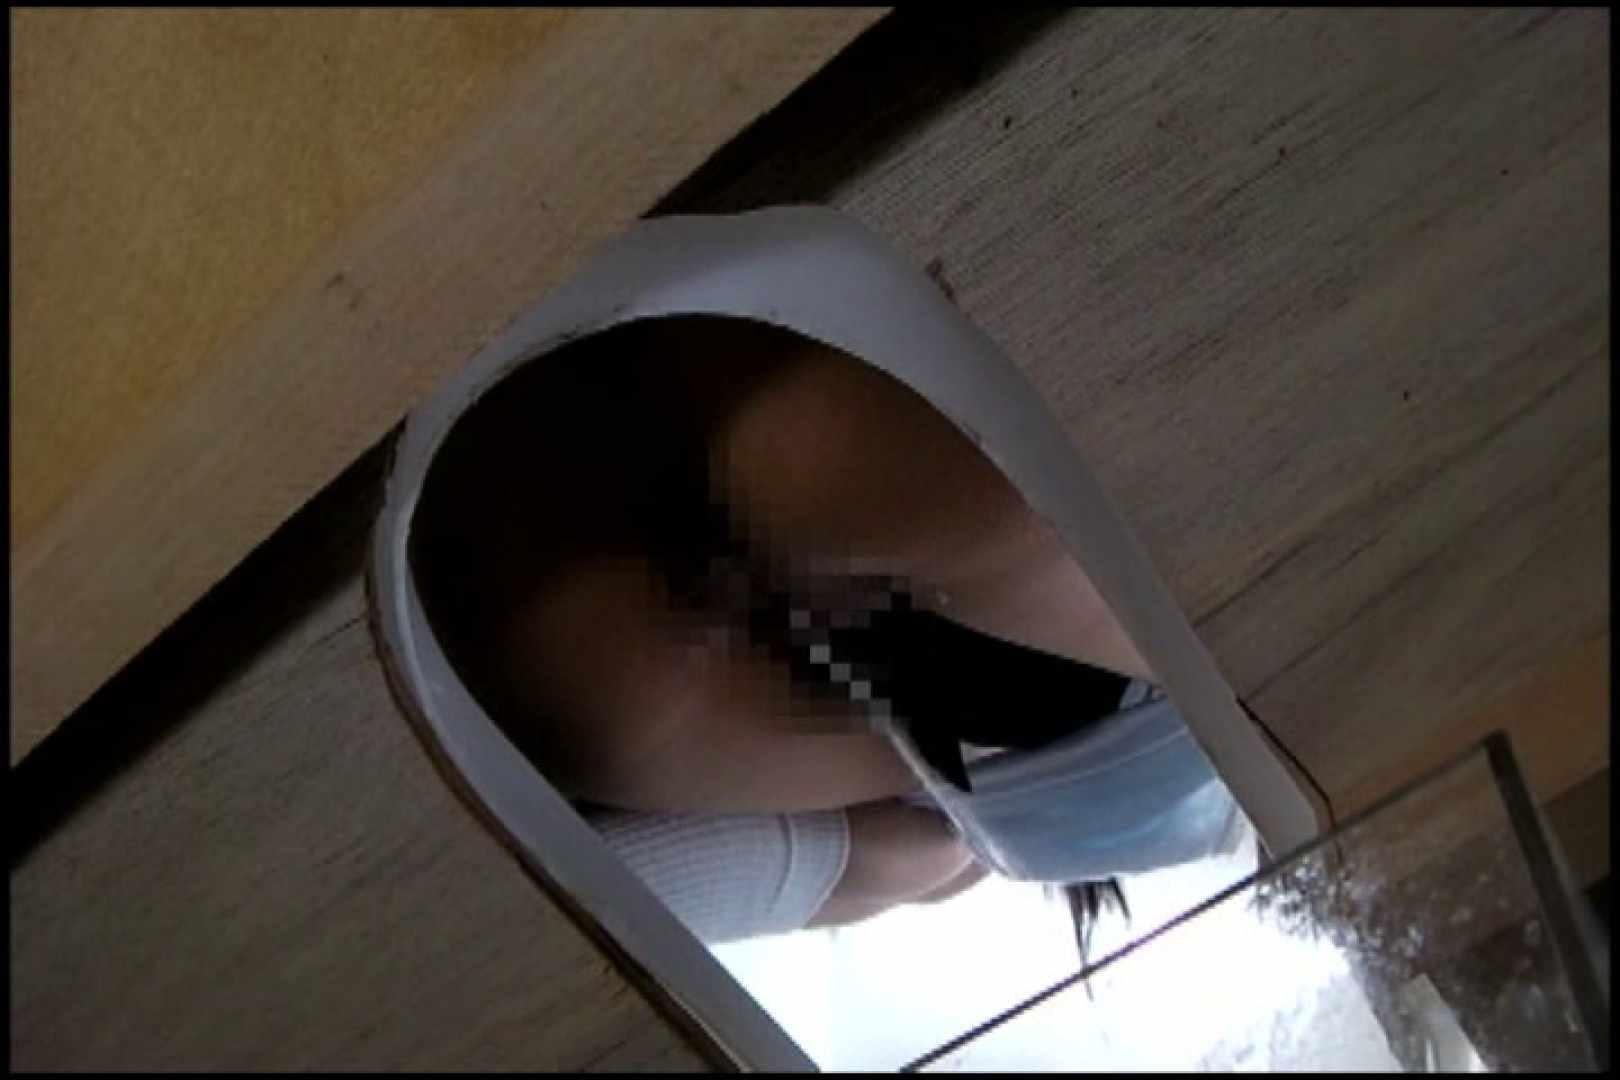 和式にまたがる女たちを待ちうけるカメラの衝撃映像vol.04 黄金水   盗撮  48pic 20